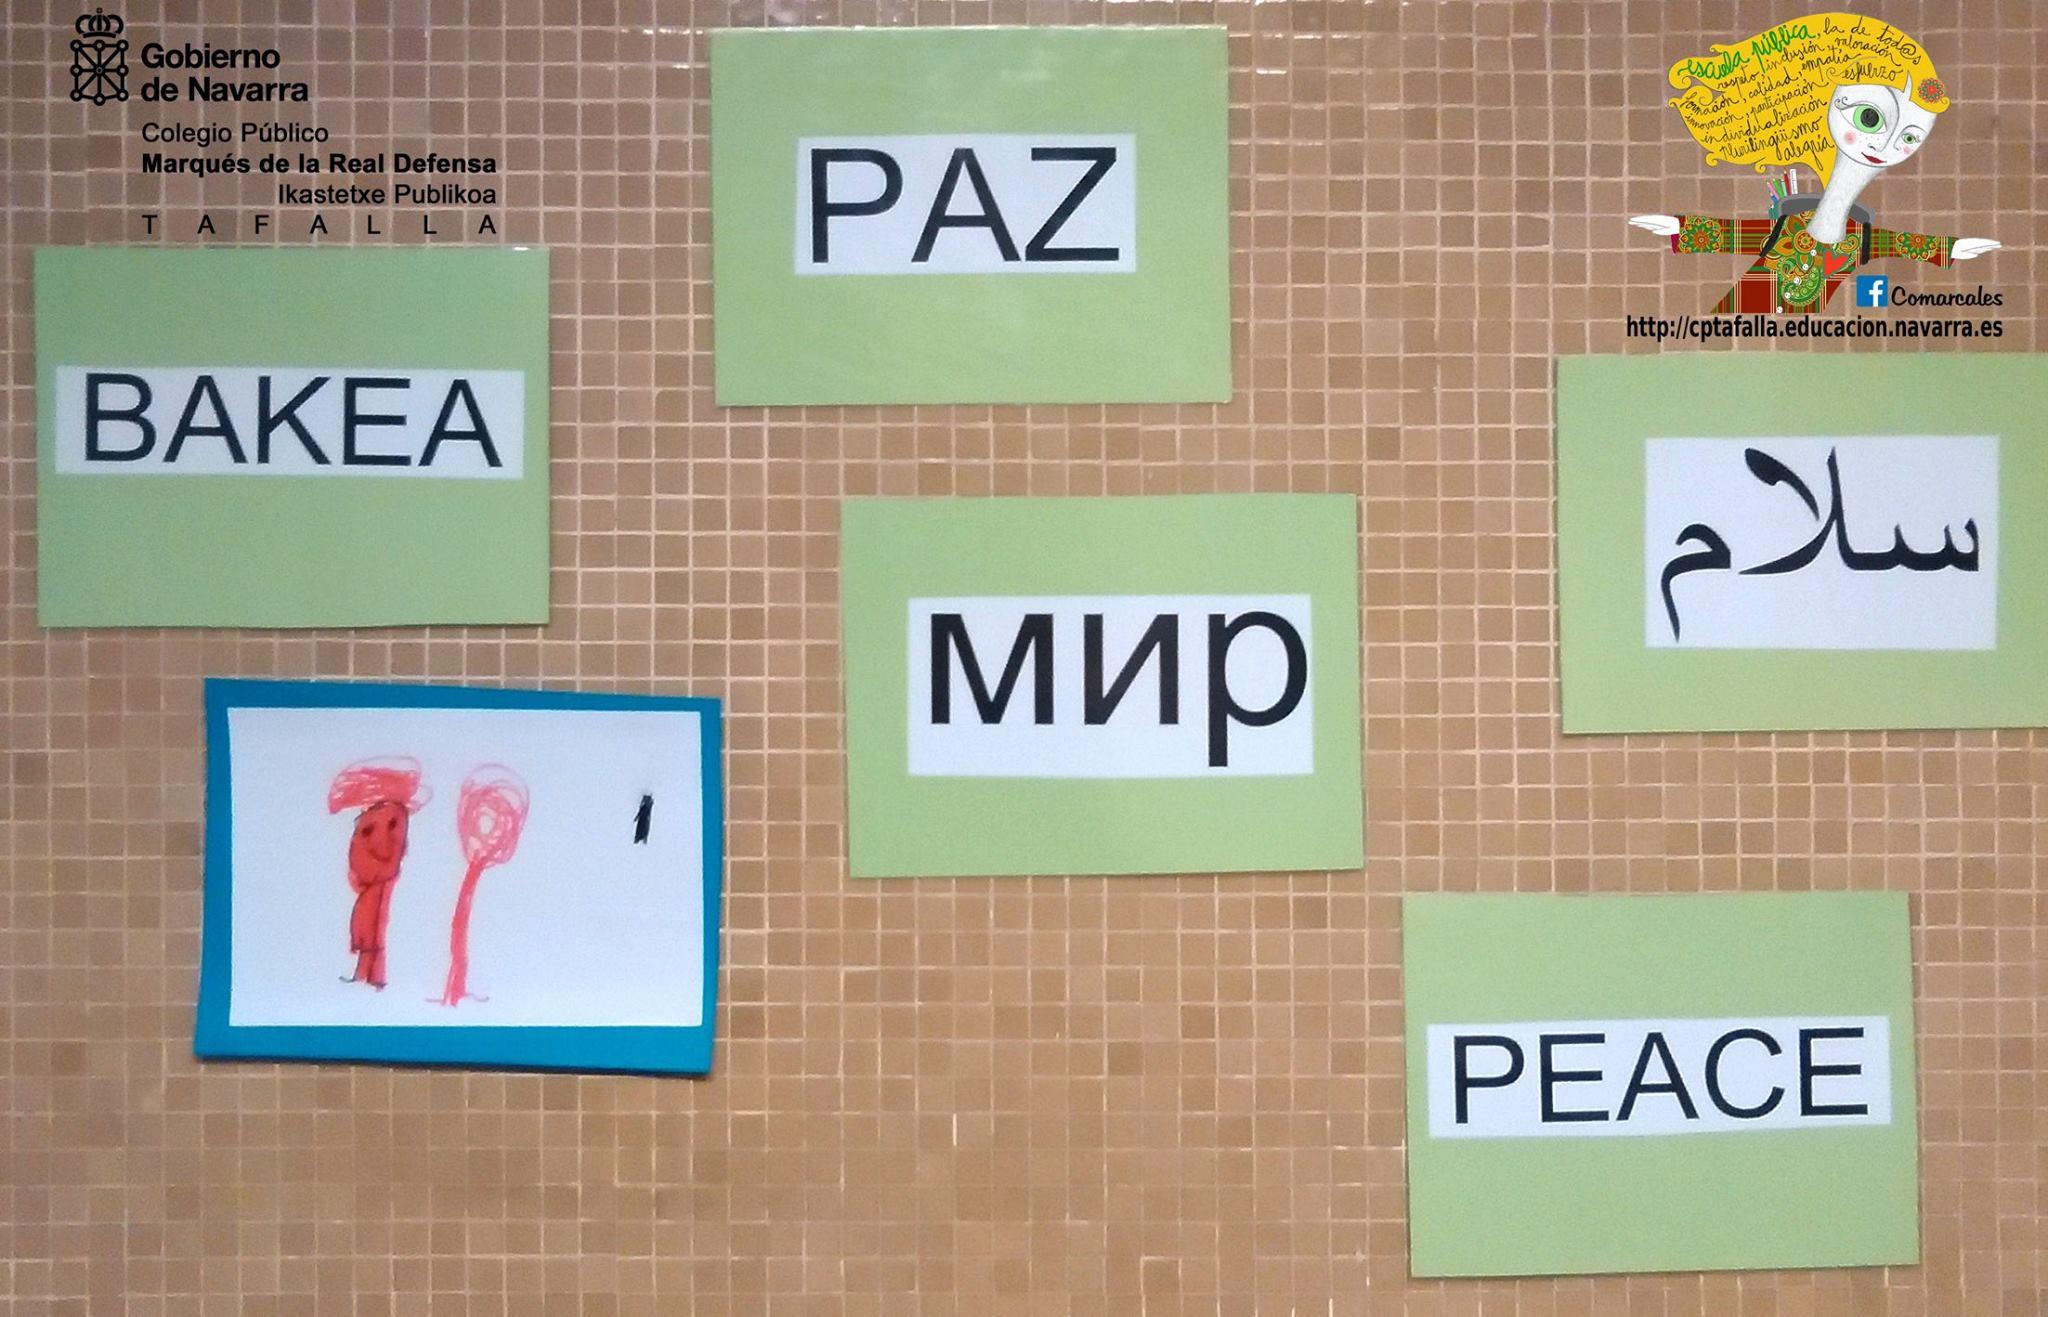 Paz_es